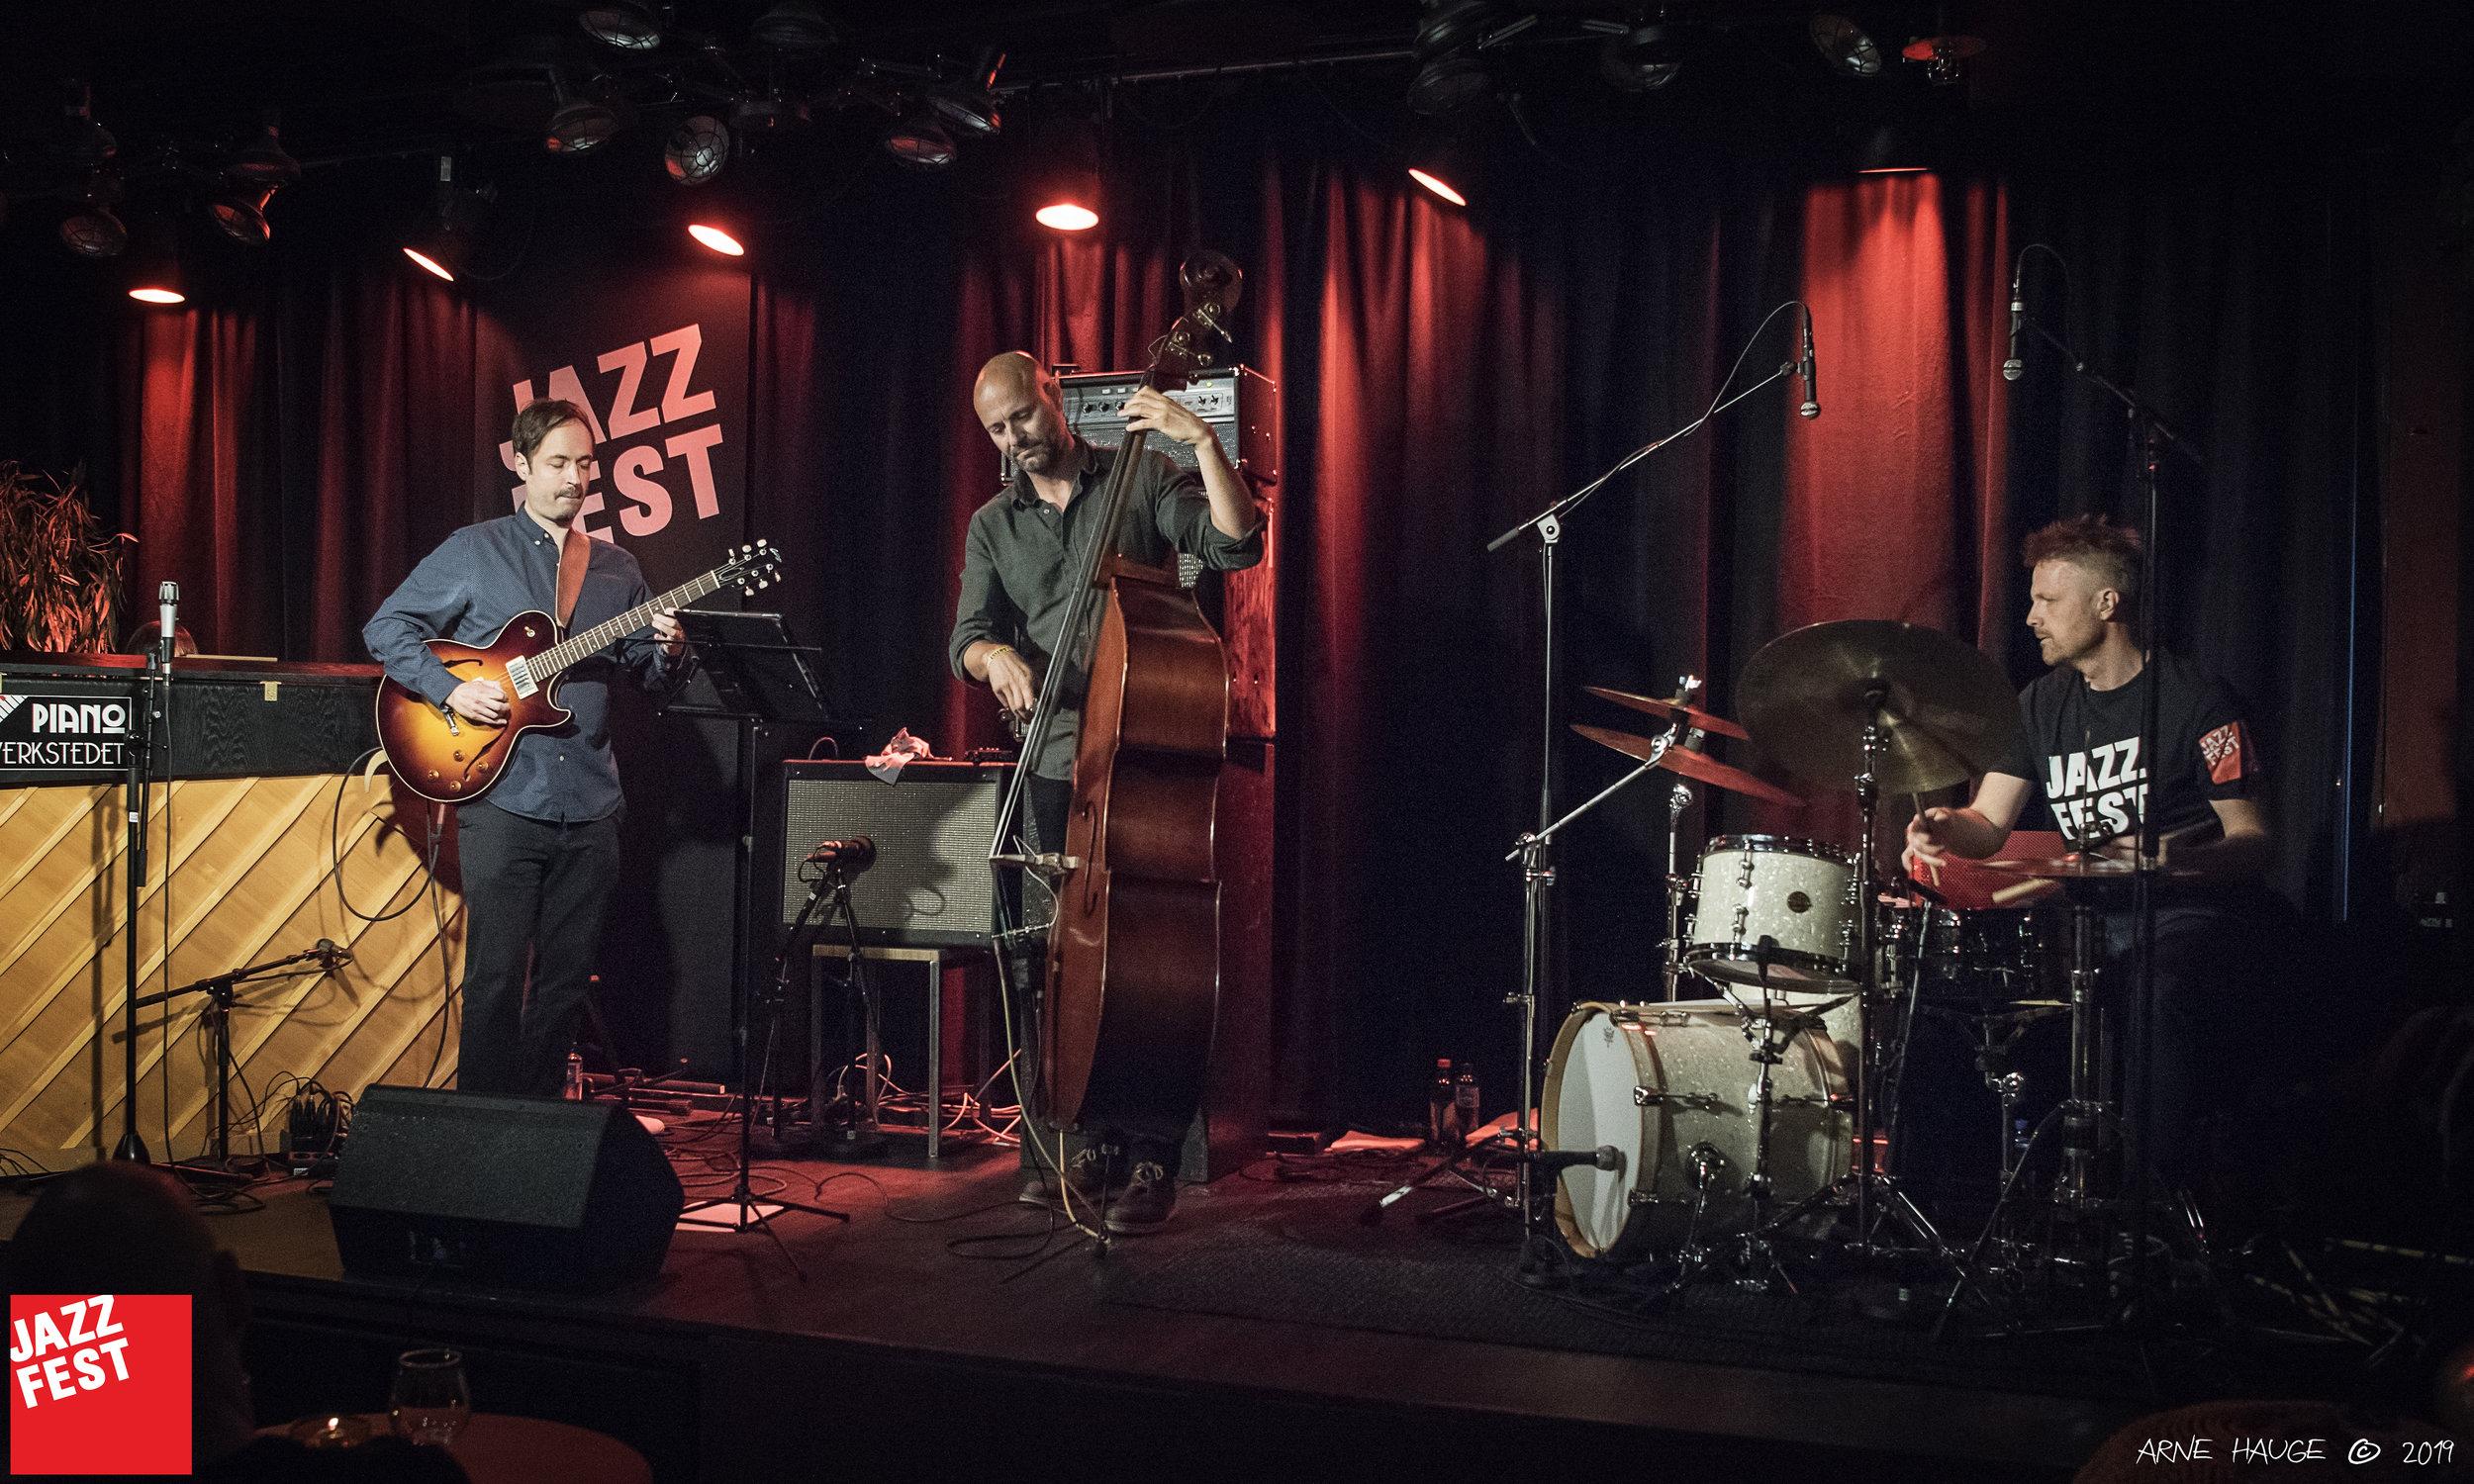 190509 Jostein Gulbrandsen Quartet @ Lokal Scene - foto Arne Hauge_003.jpg